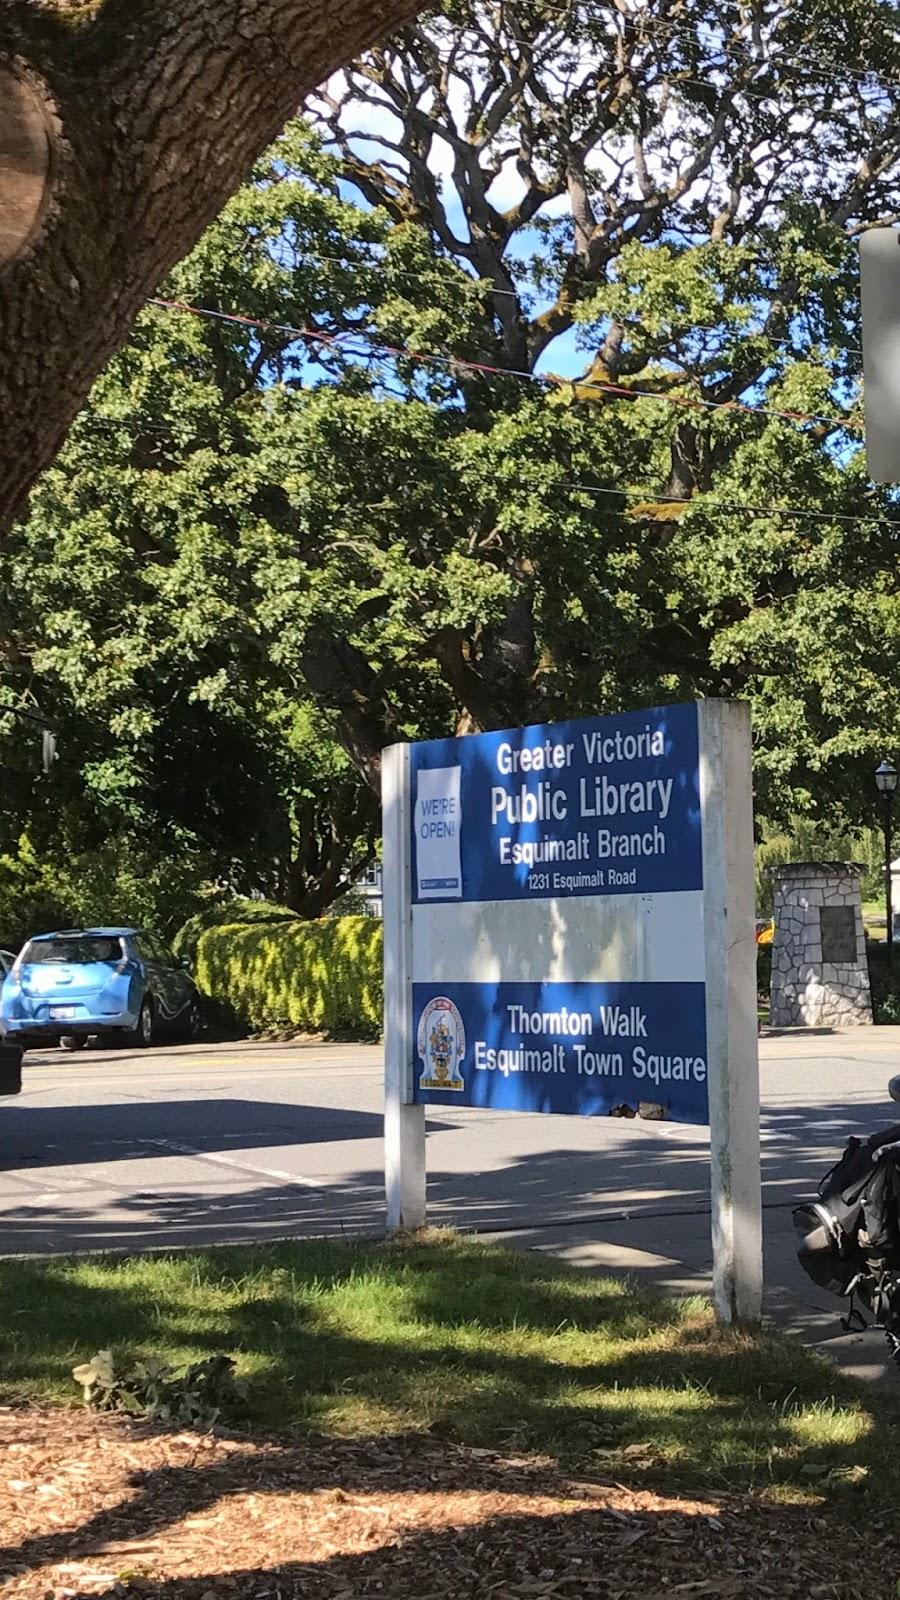 Greater Victoria Public Library - Esquimalt Branch   library   1231 Esquimalt Rd, Victoria, BC V9A 3P1, Canada   2509404875 OR +1 250-940-4875